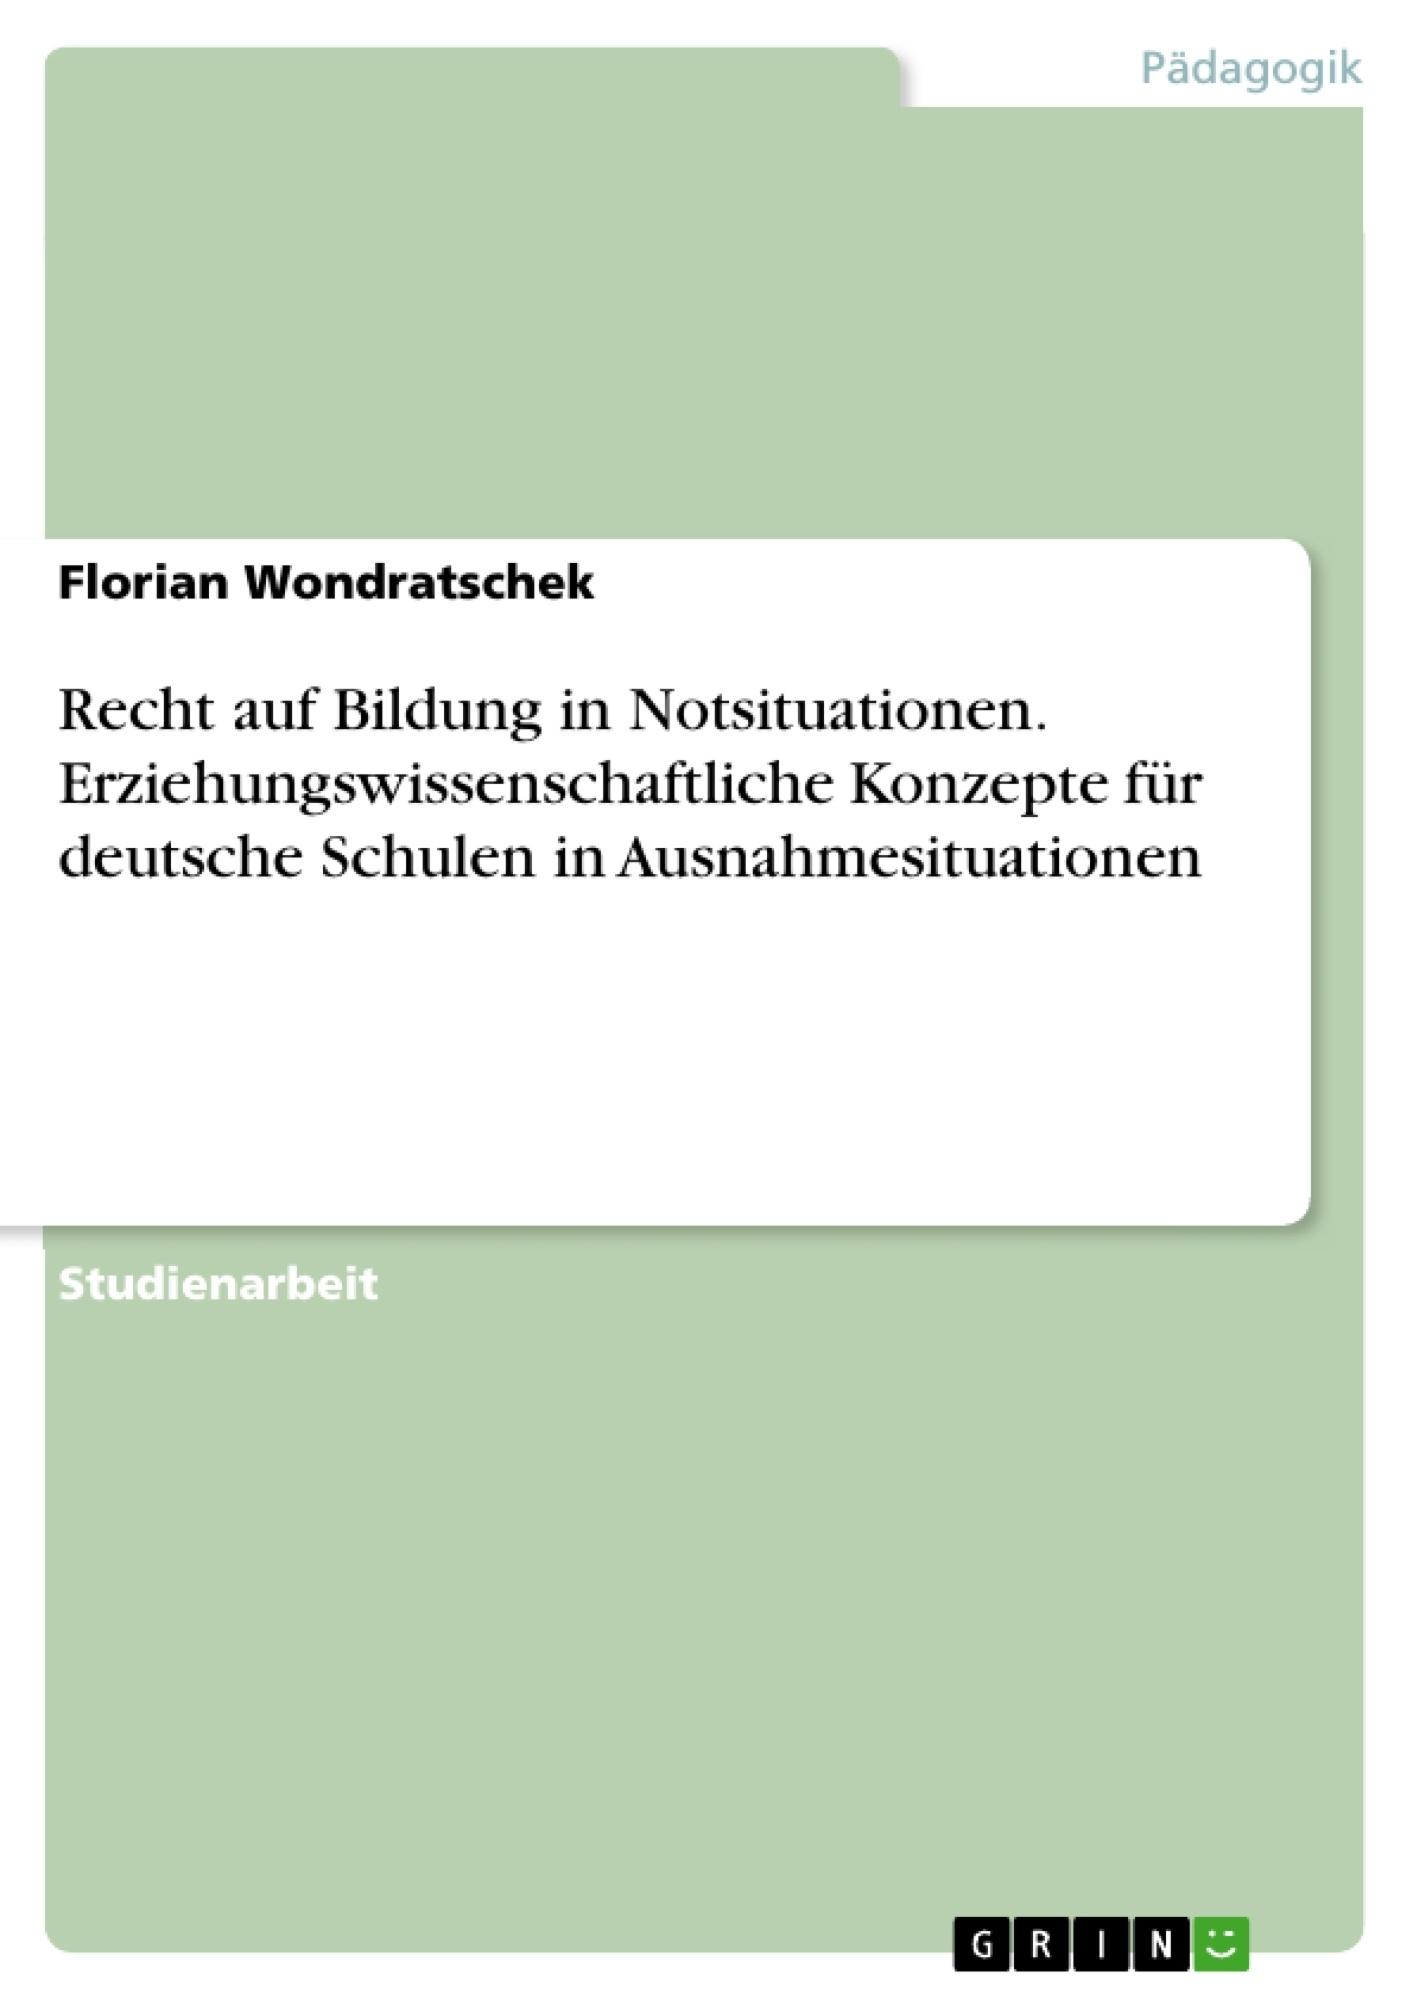 Titel: Recht auf Bildung in Notsituationen. Erziehungswissenschaftliche Konzepte für deutsche Schulen in Ausnahmesituationen